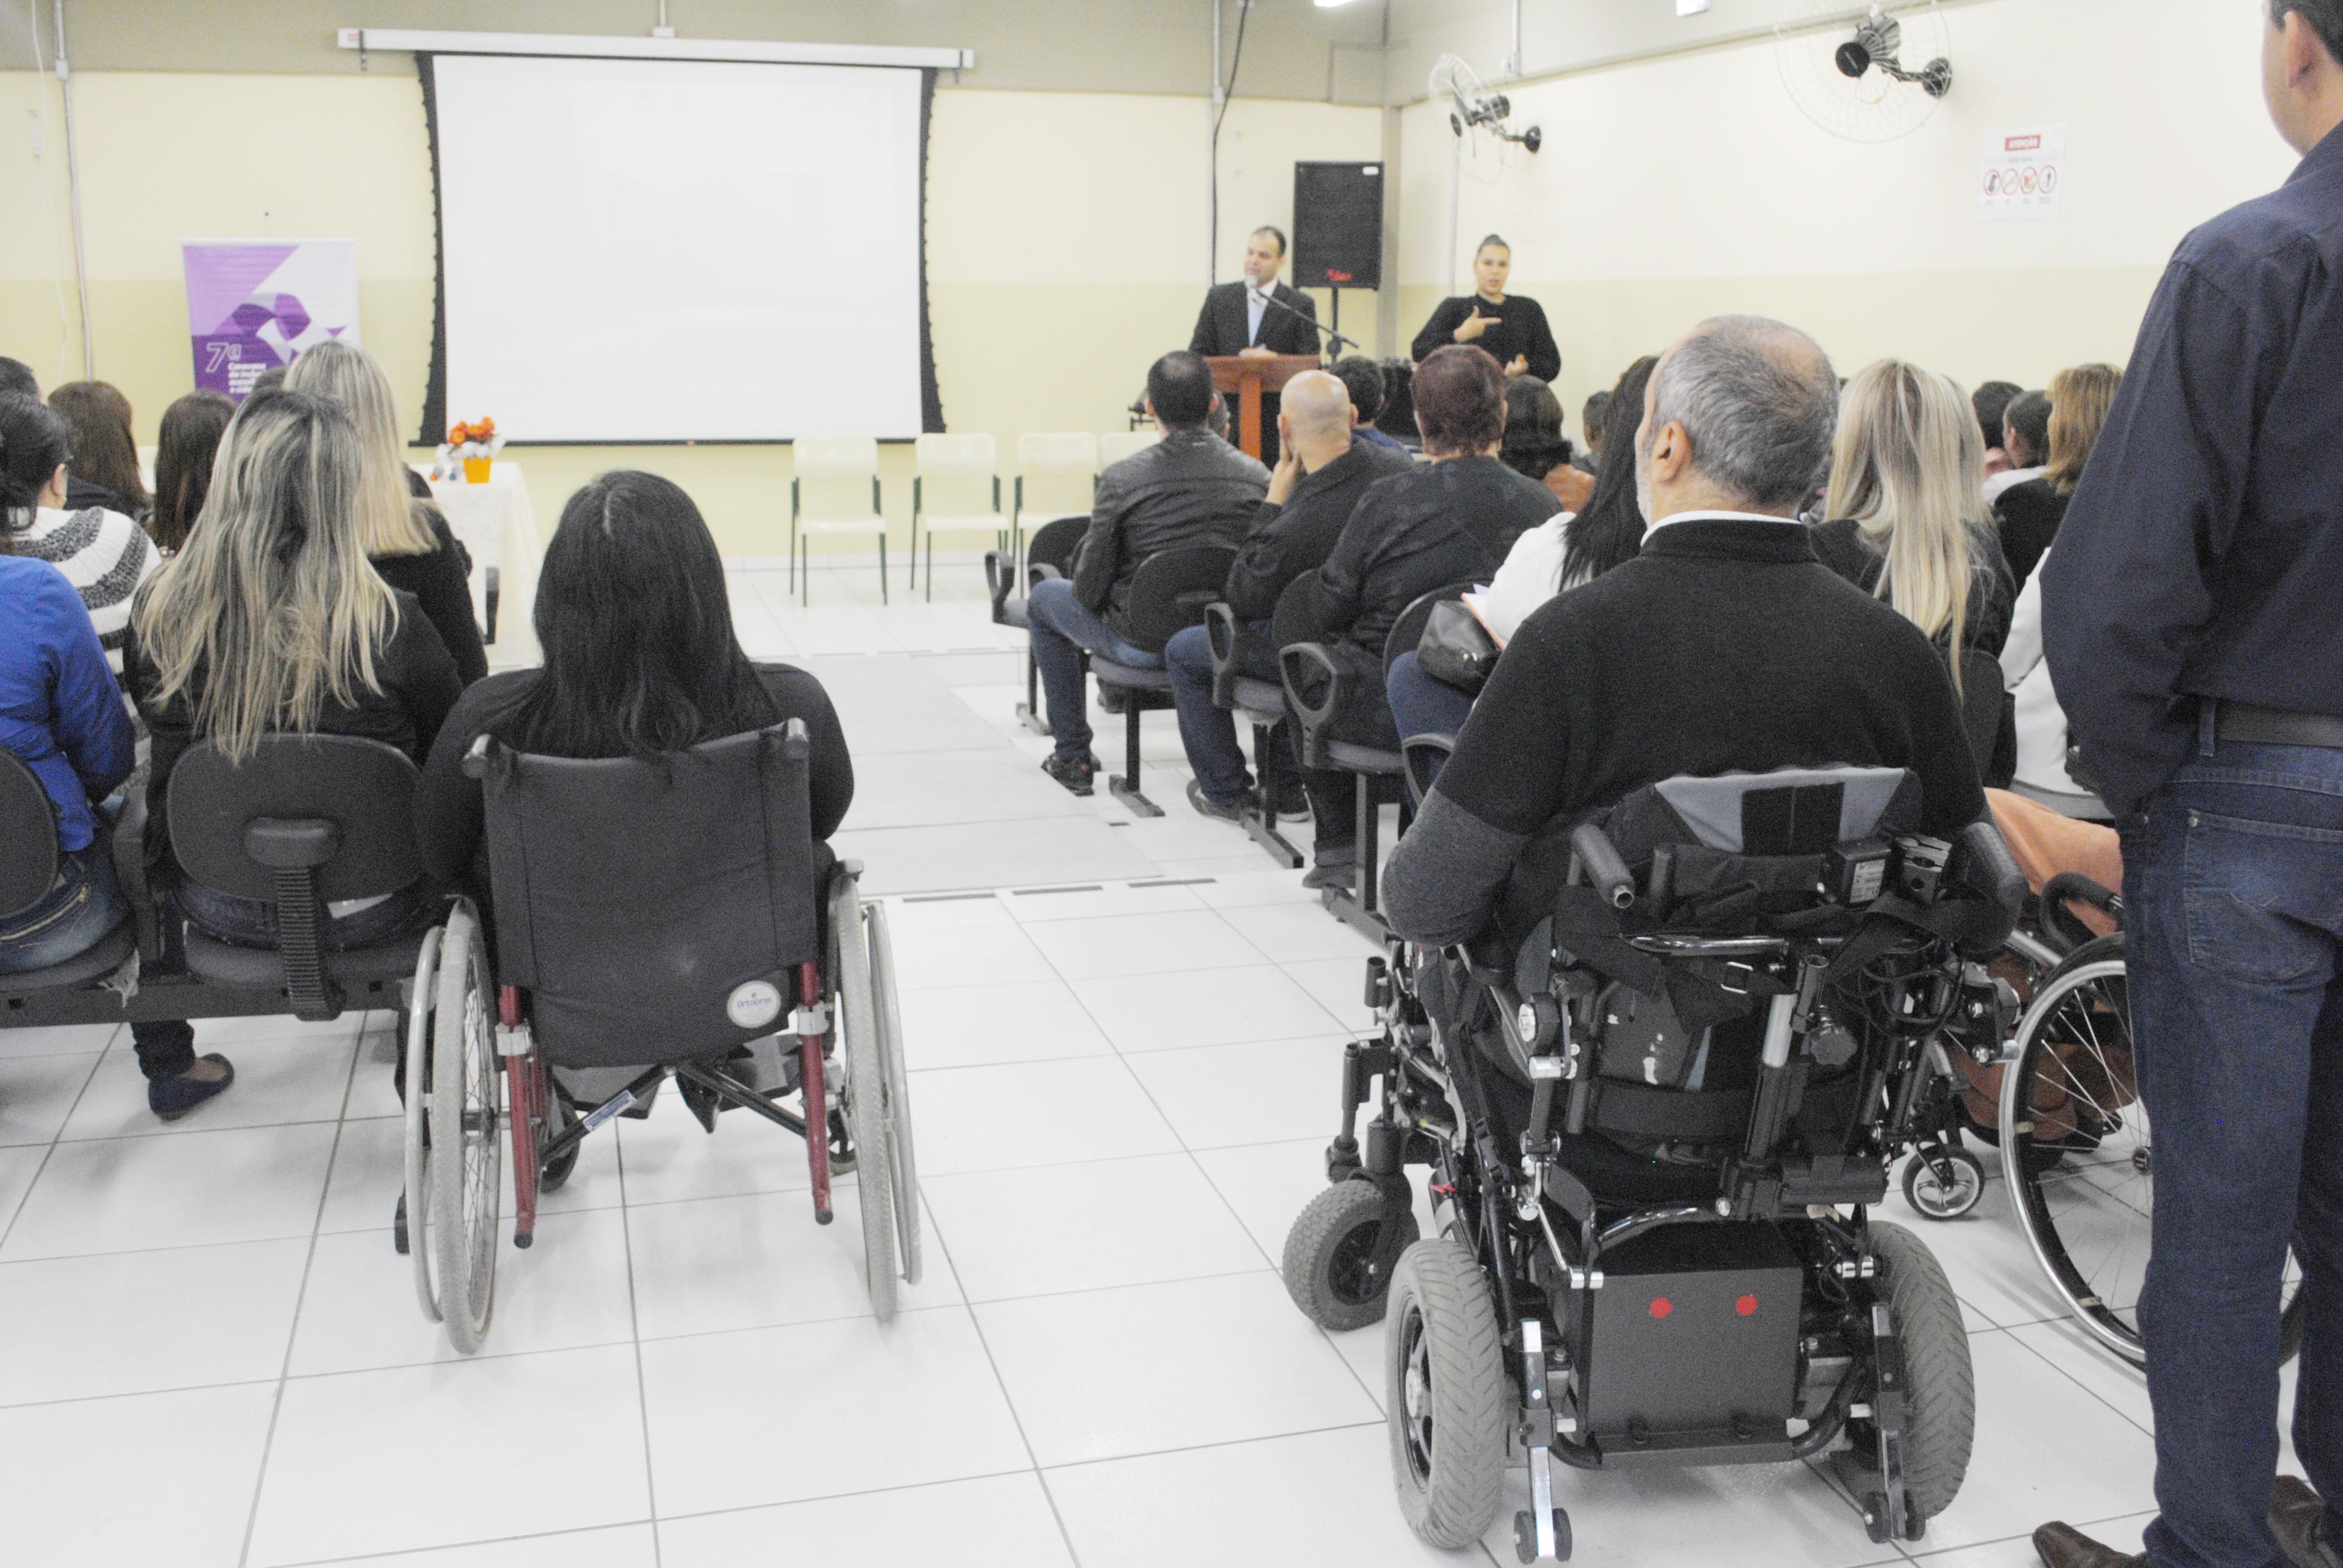 Palestra da 7ª Caravana da Inclusão, Acessibilidade e Cidadania, que debateu as necessidades de pessoas com deficiência na região (Foto: Andreah Martins)